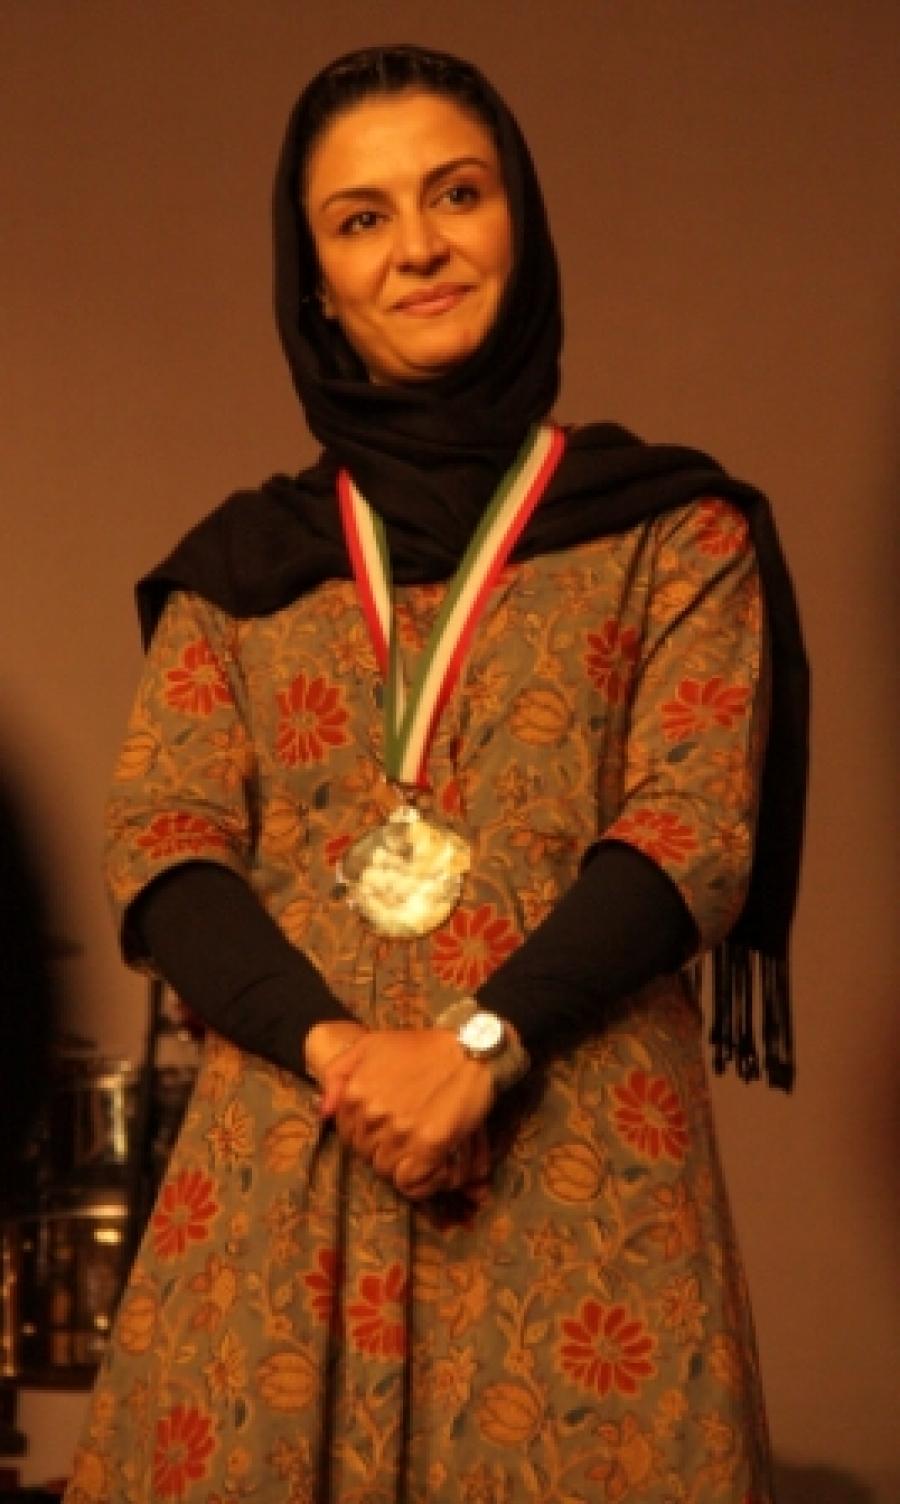 مریلا زارعی سفیر یار مهر آفرین در حوزه هنر و سینما